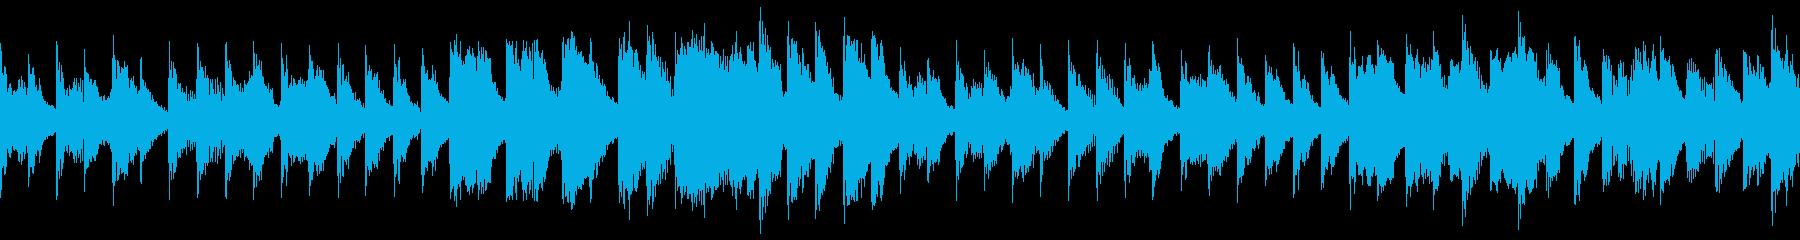 テキパキスタイルの再生済みの波形